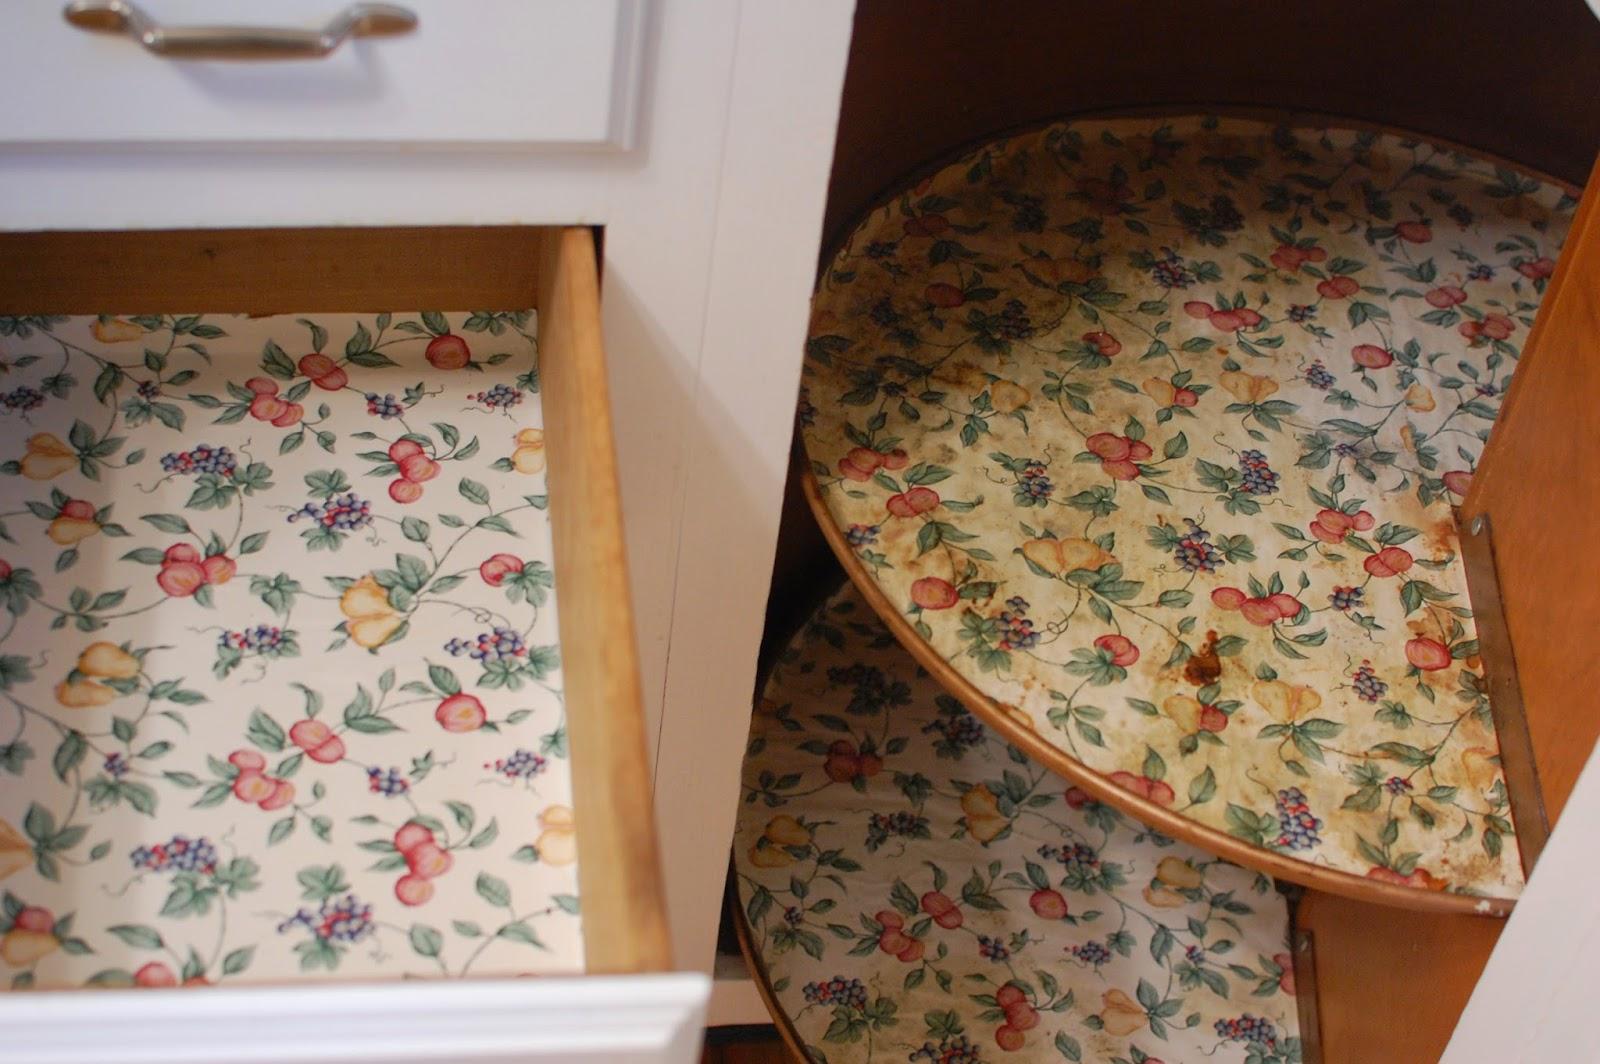 kitchen shelf paper. Black Bedroom Furniture Sets. Home Design Ideas